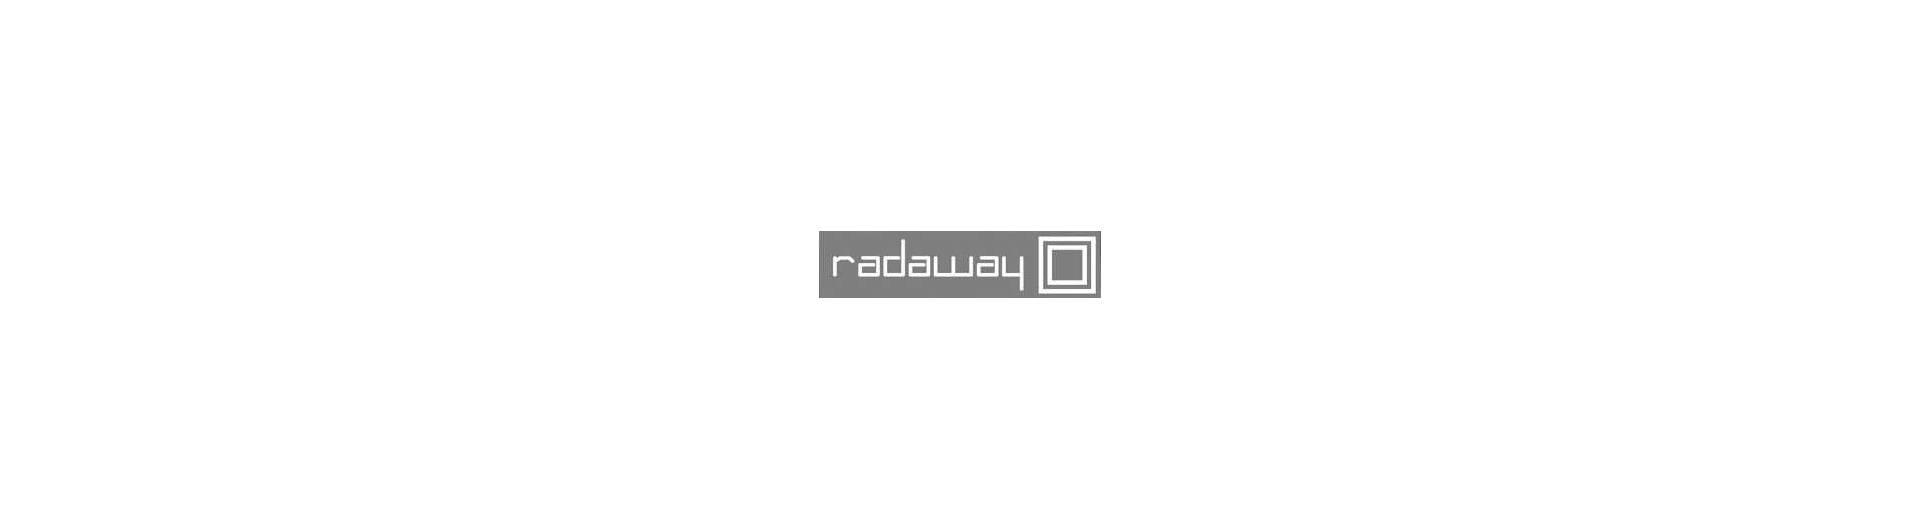 Radaway (Польша)